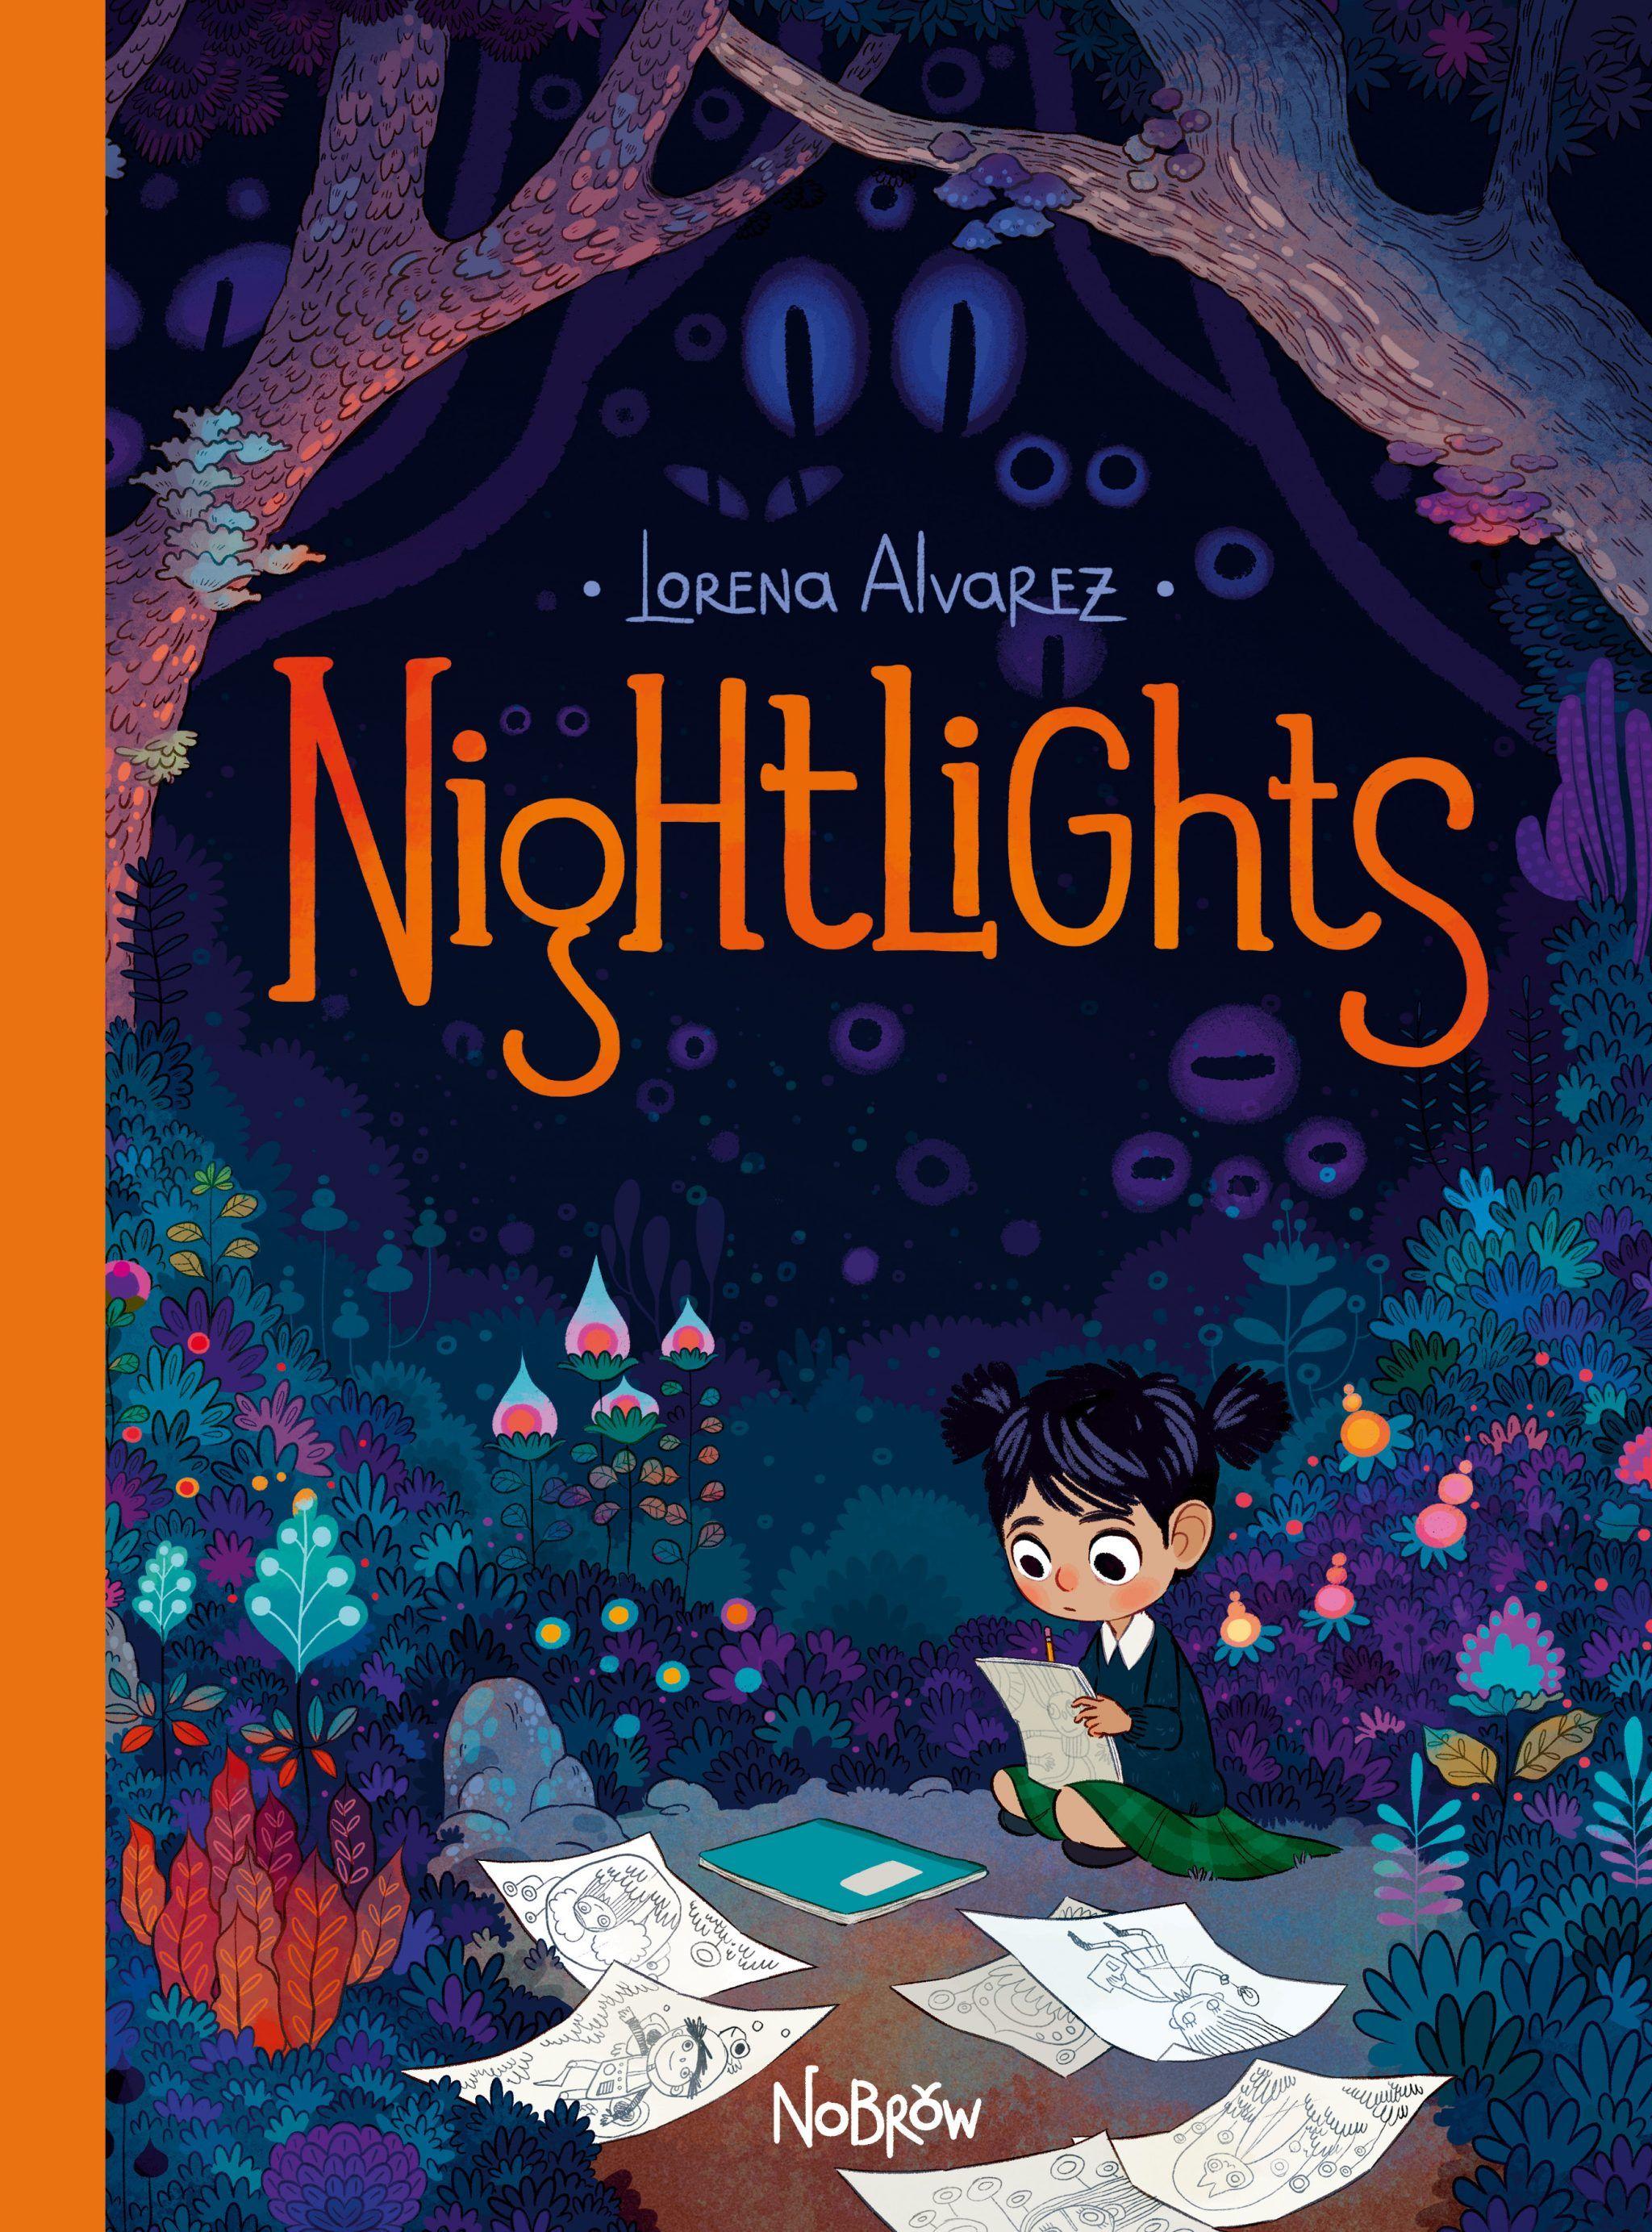 Nobrow Press Nightlights Book Cover Design Childrens Books Illustrations Book Cover Illustration